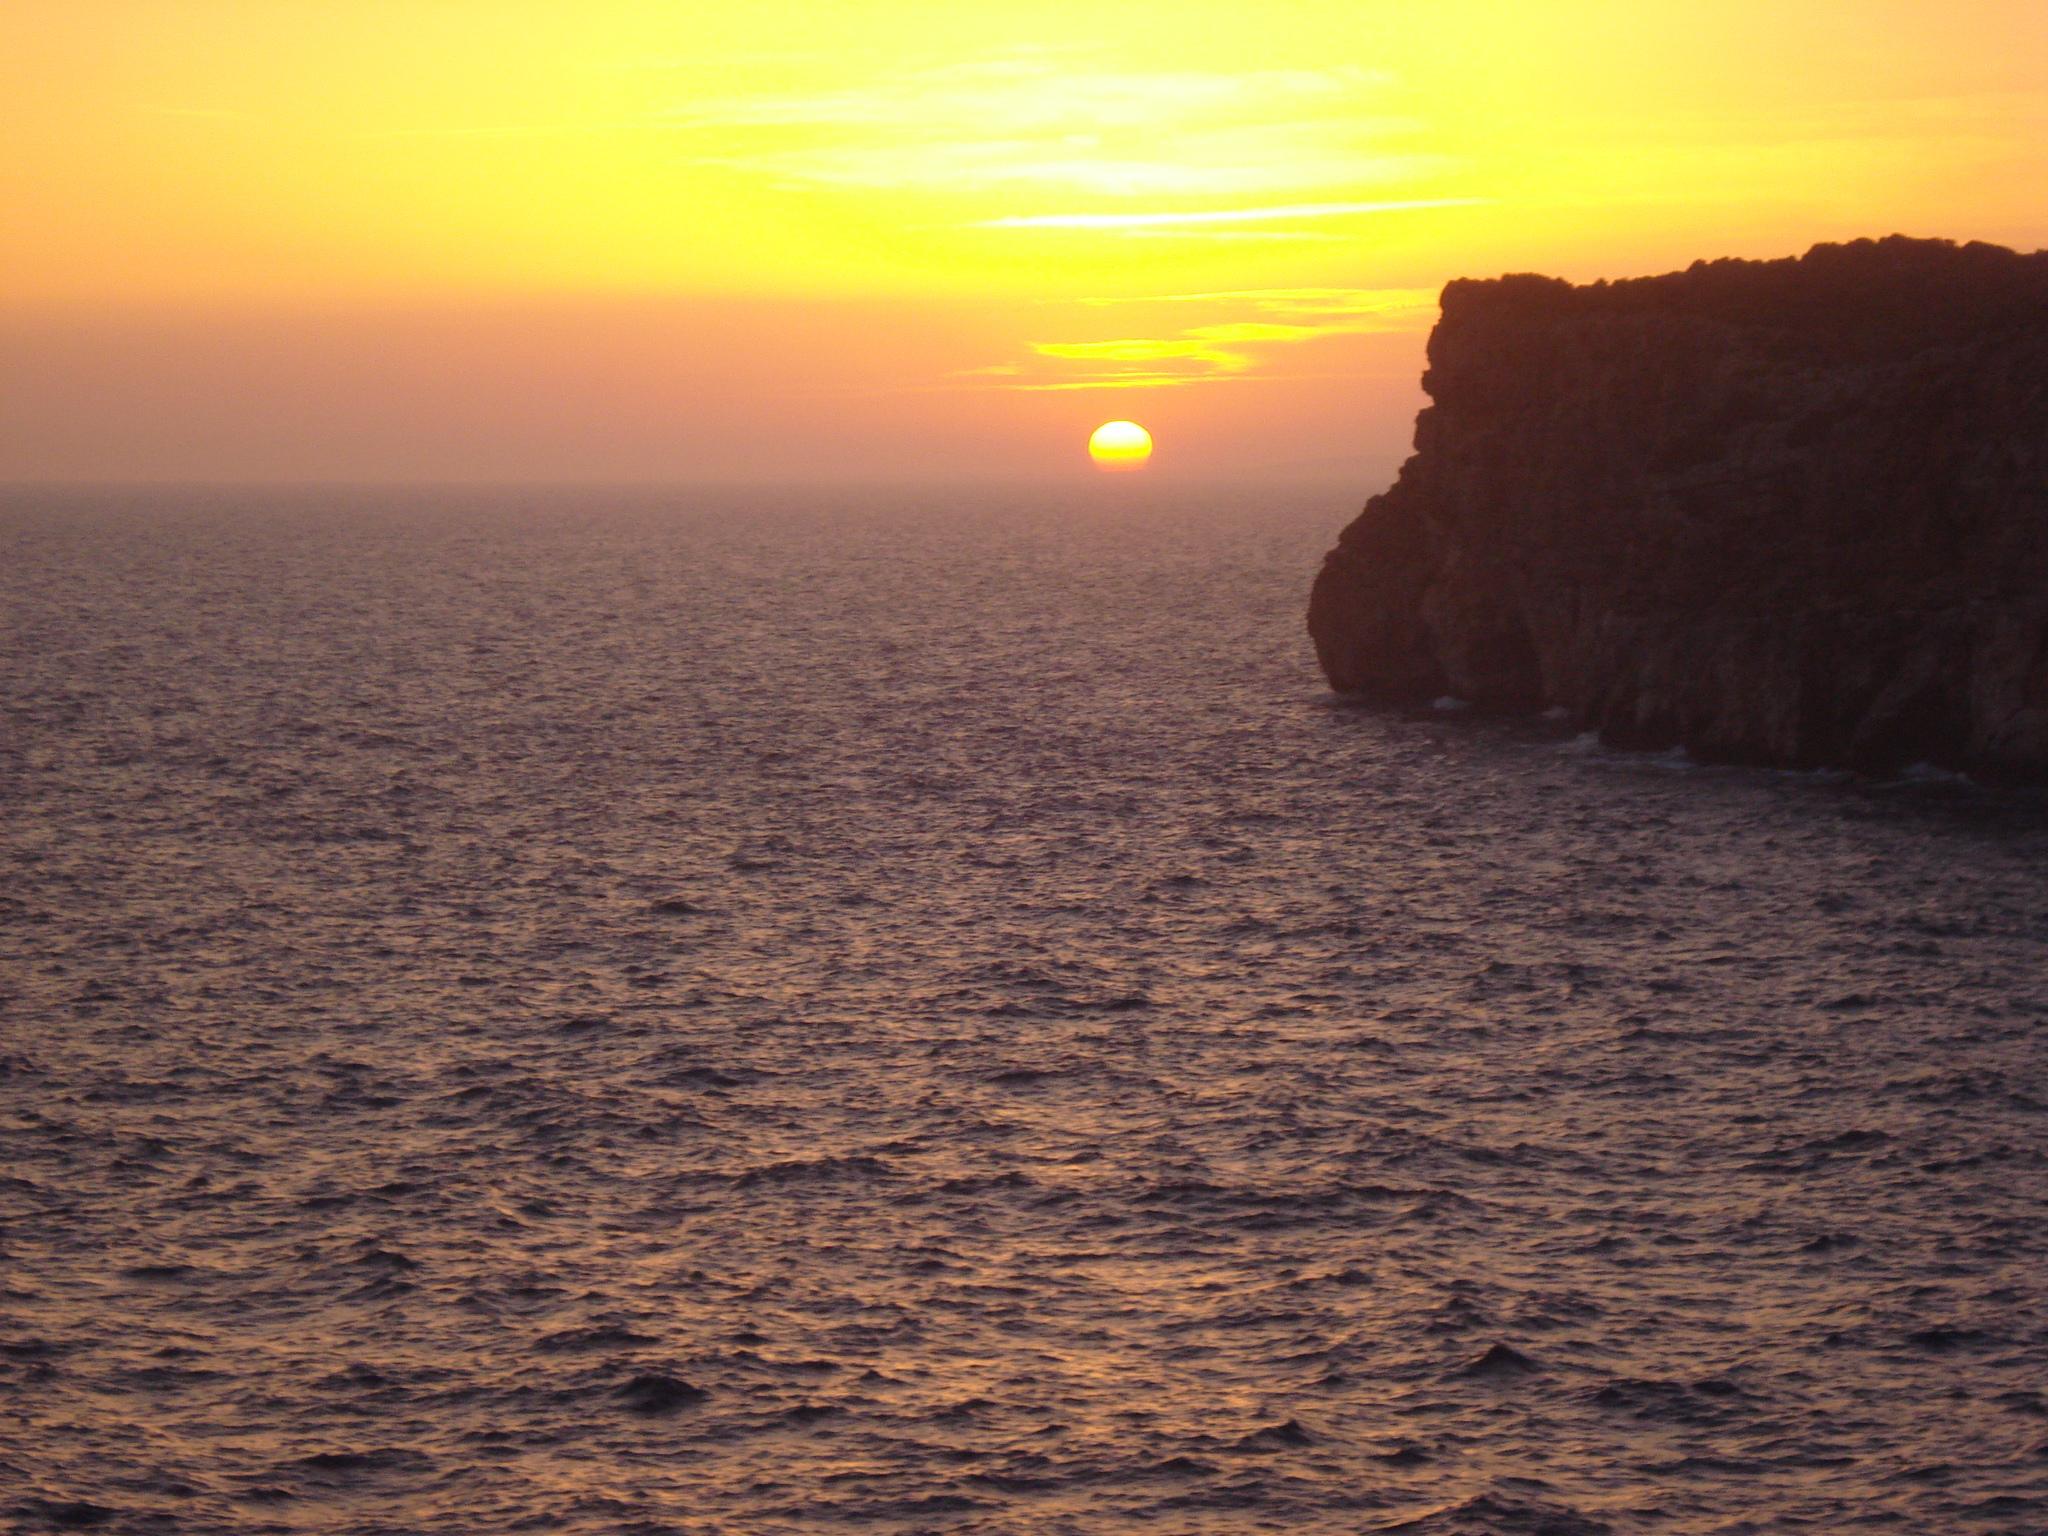 Las 5 mejores puestas de sol de menorca menorca diferente for Hora puerta del sol